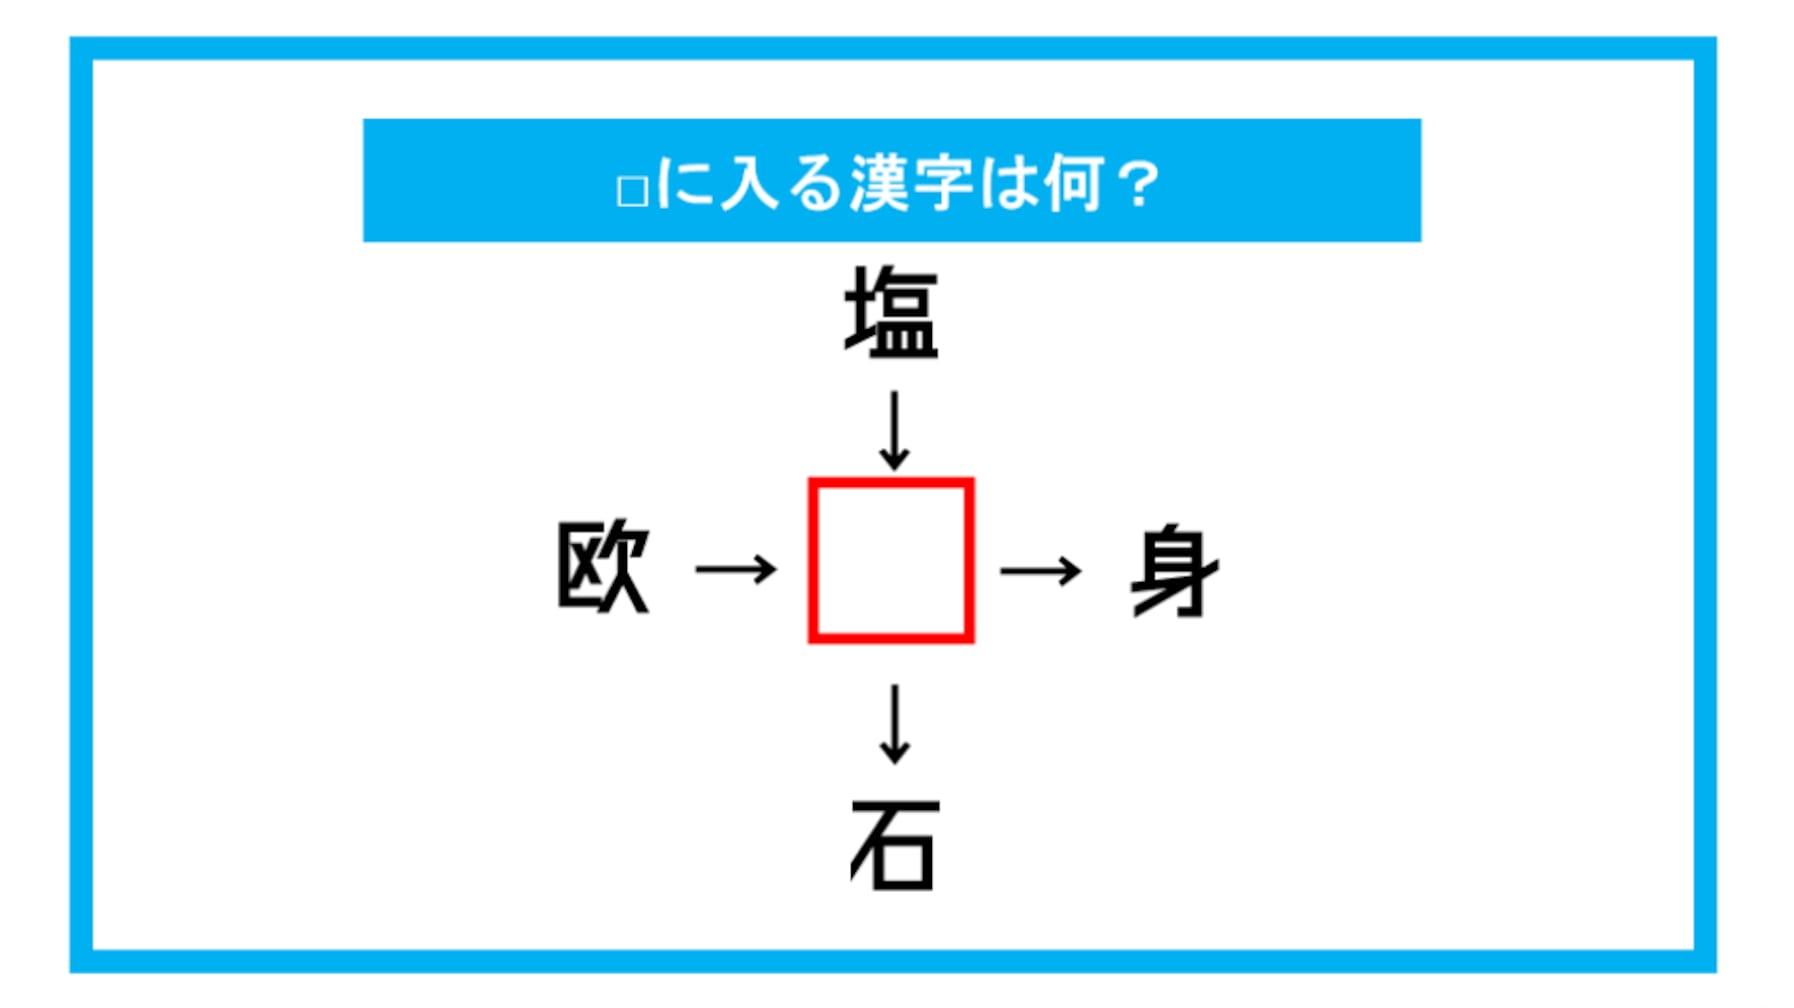 【漢字穴埋めクイズ】□に入る漢字は何?(第120問)